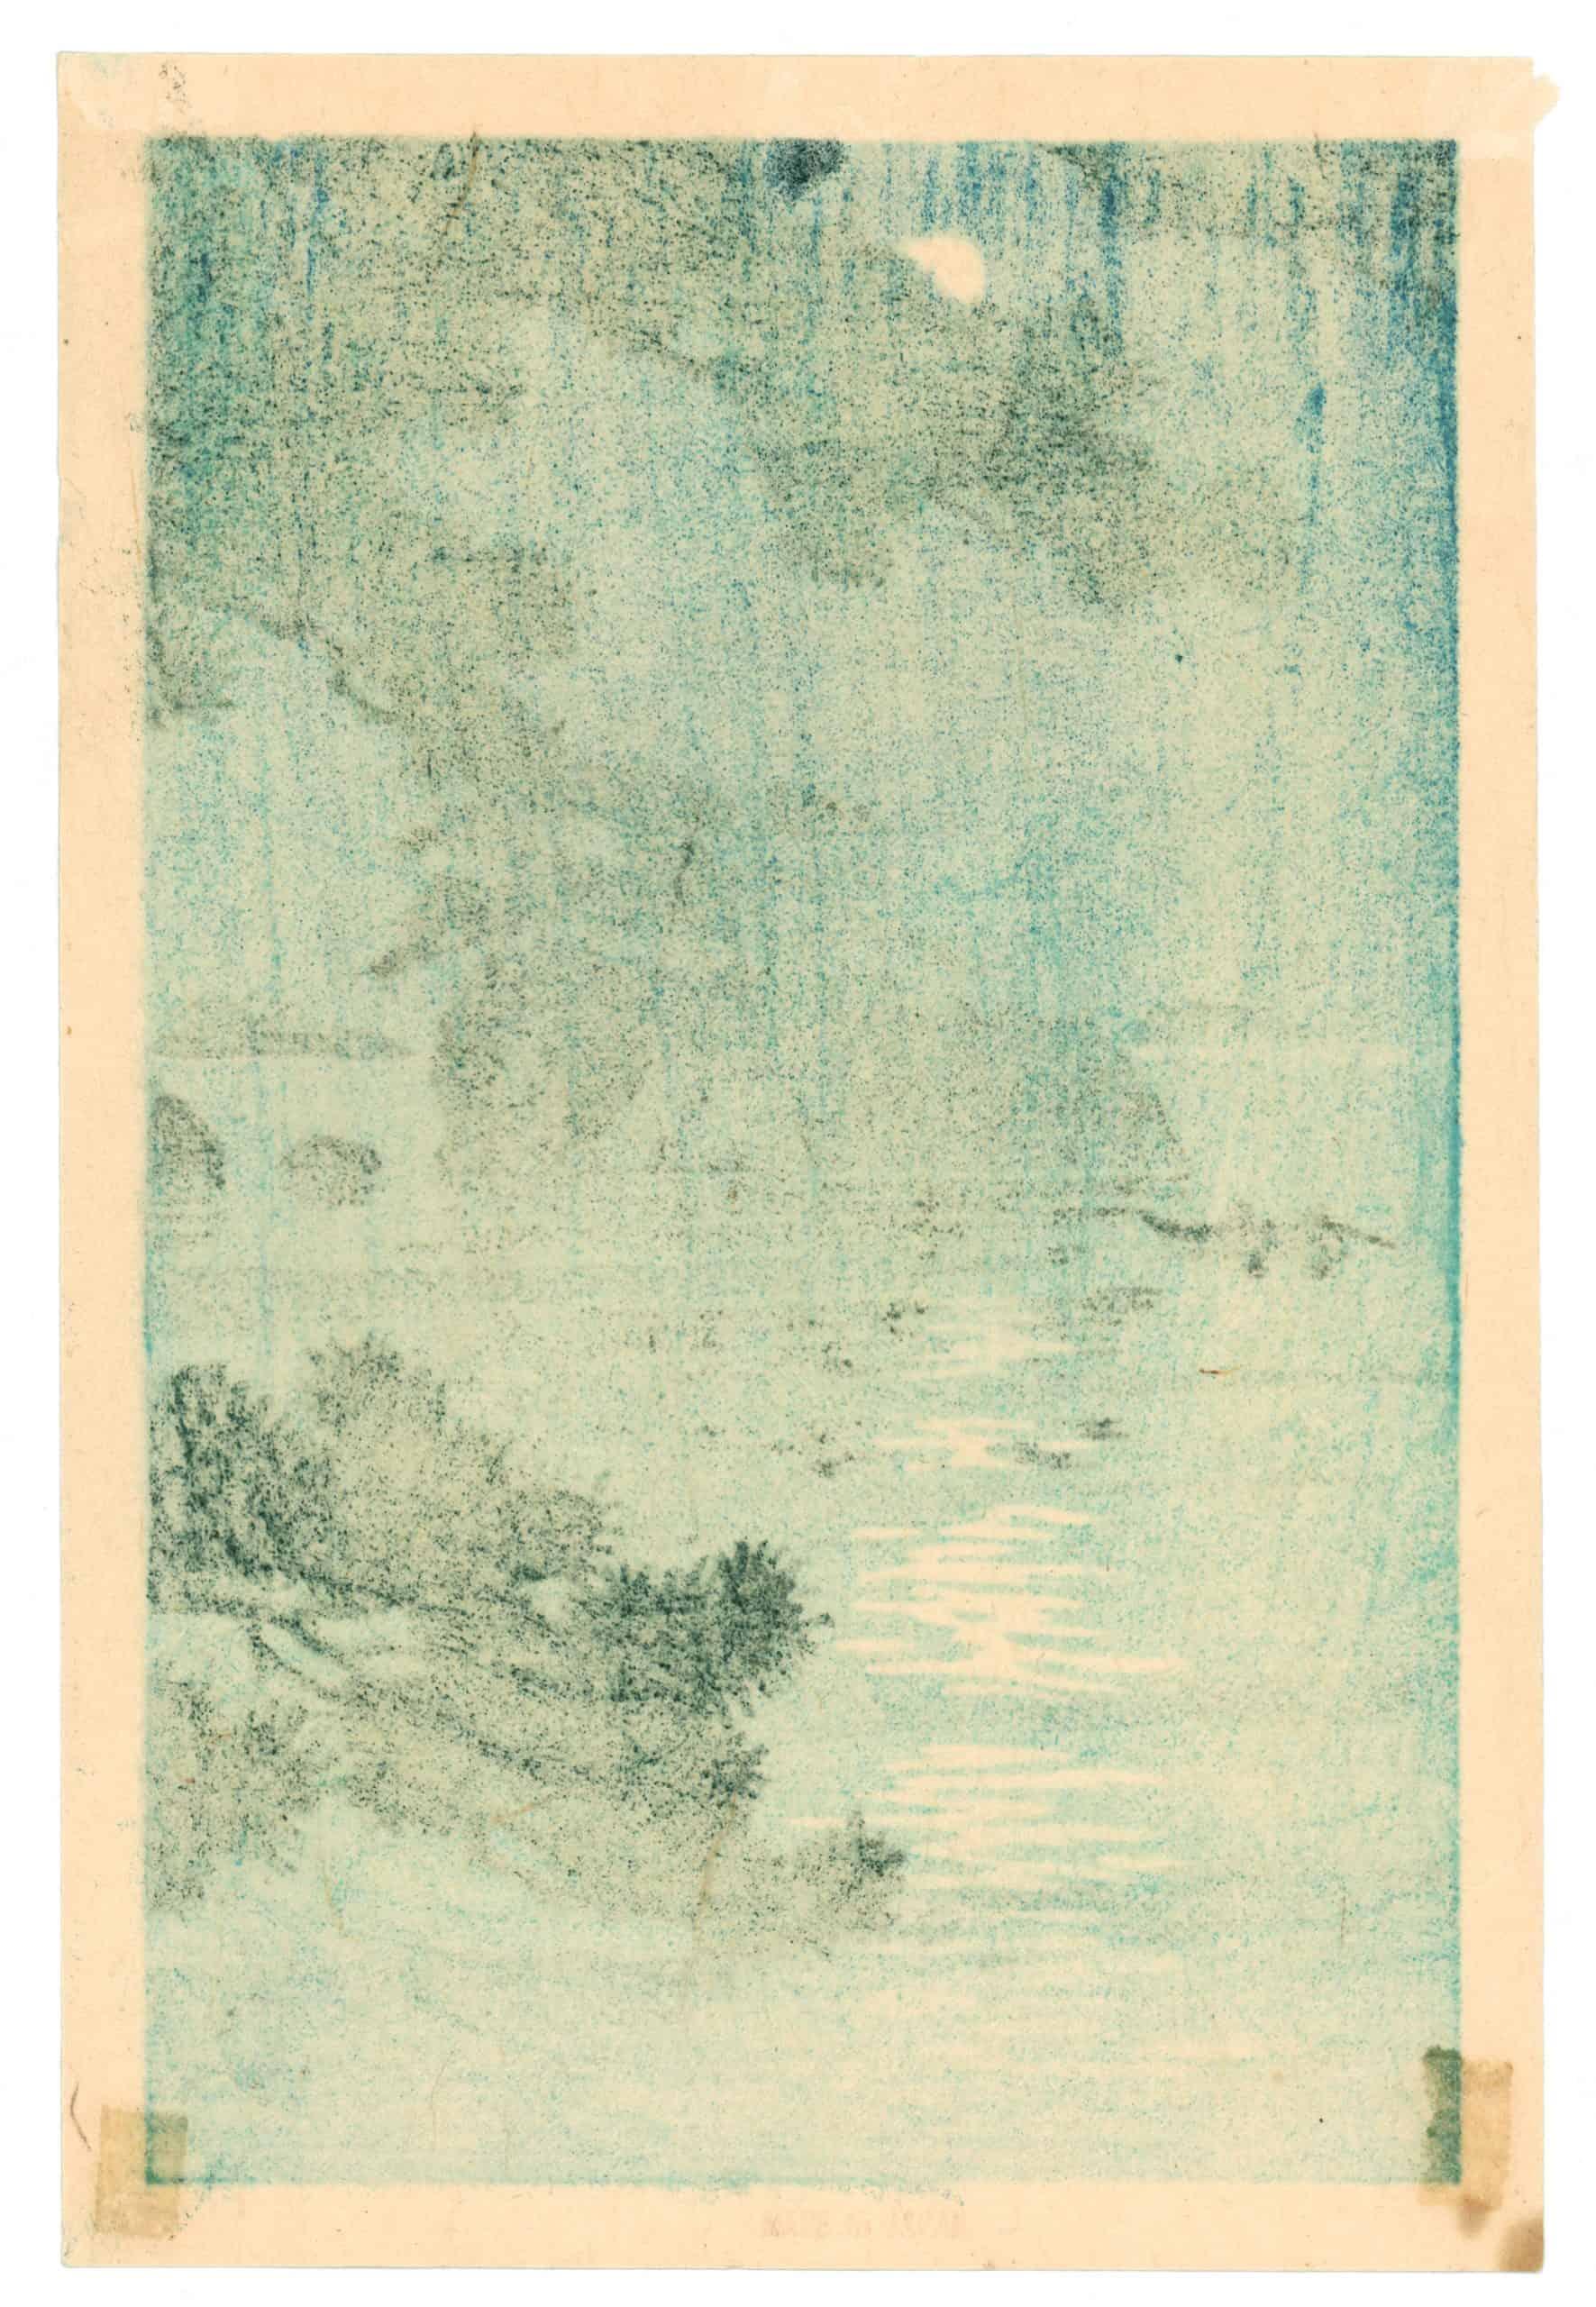 Kawase Hasui - Moon at Matsushima (verso)